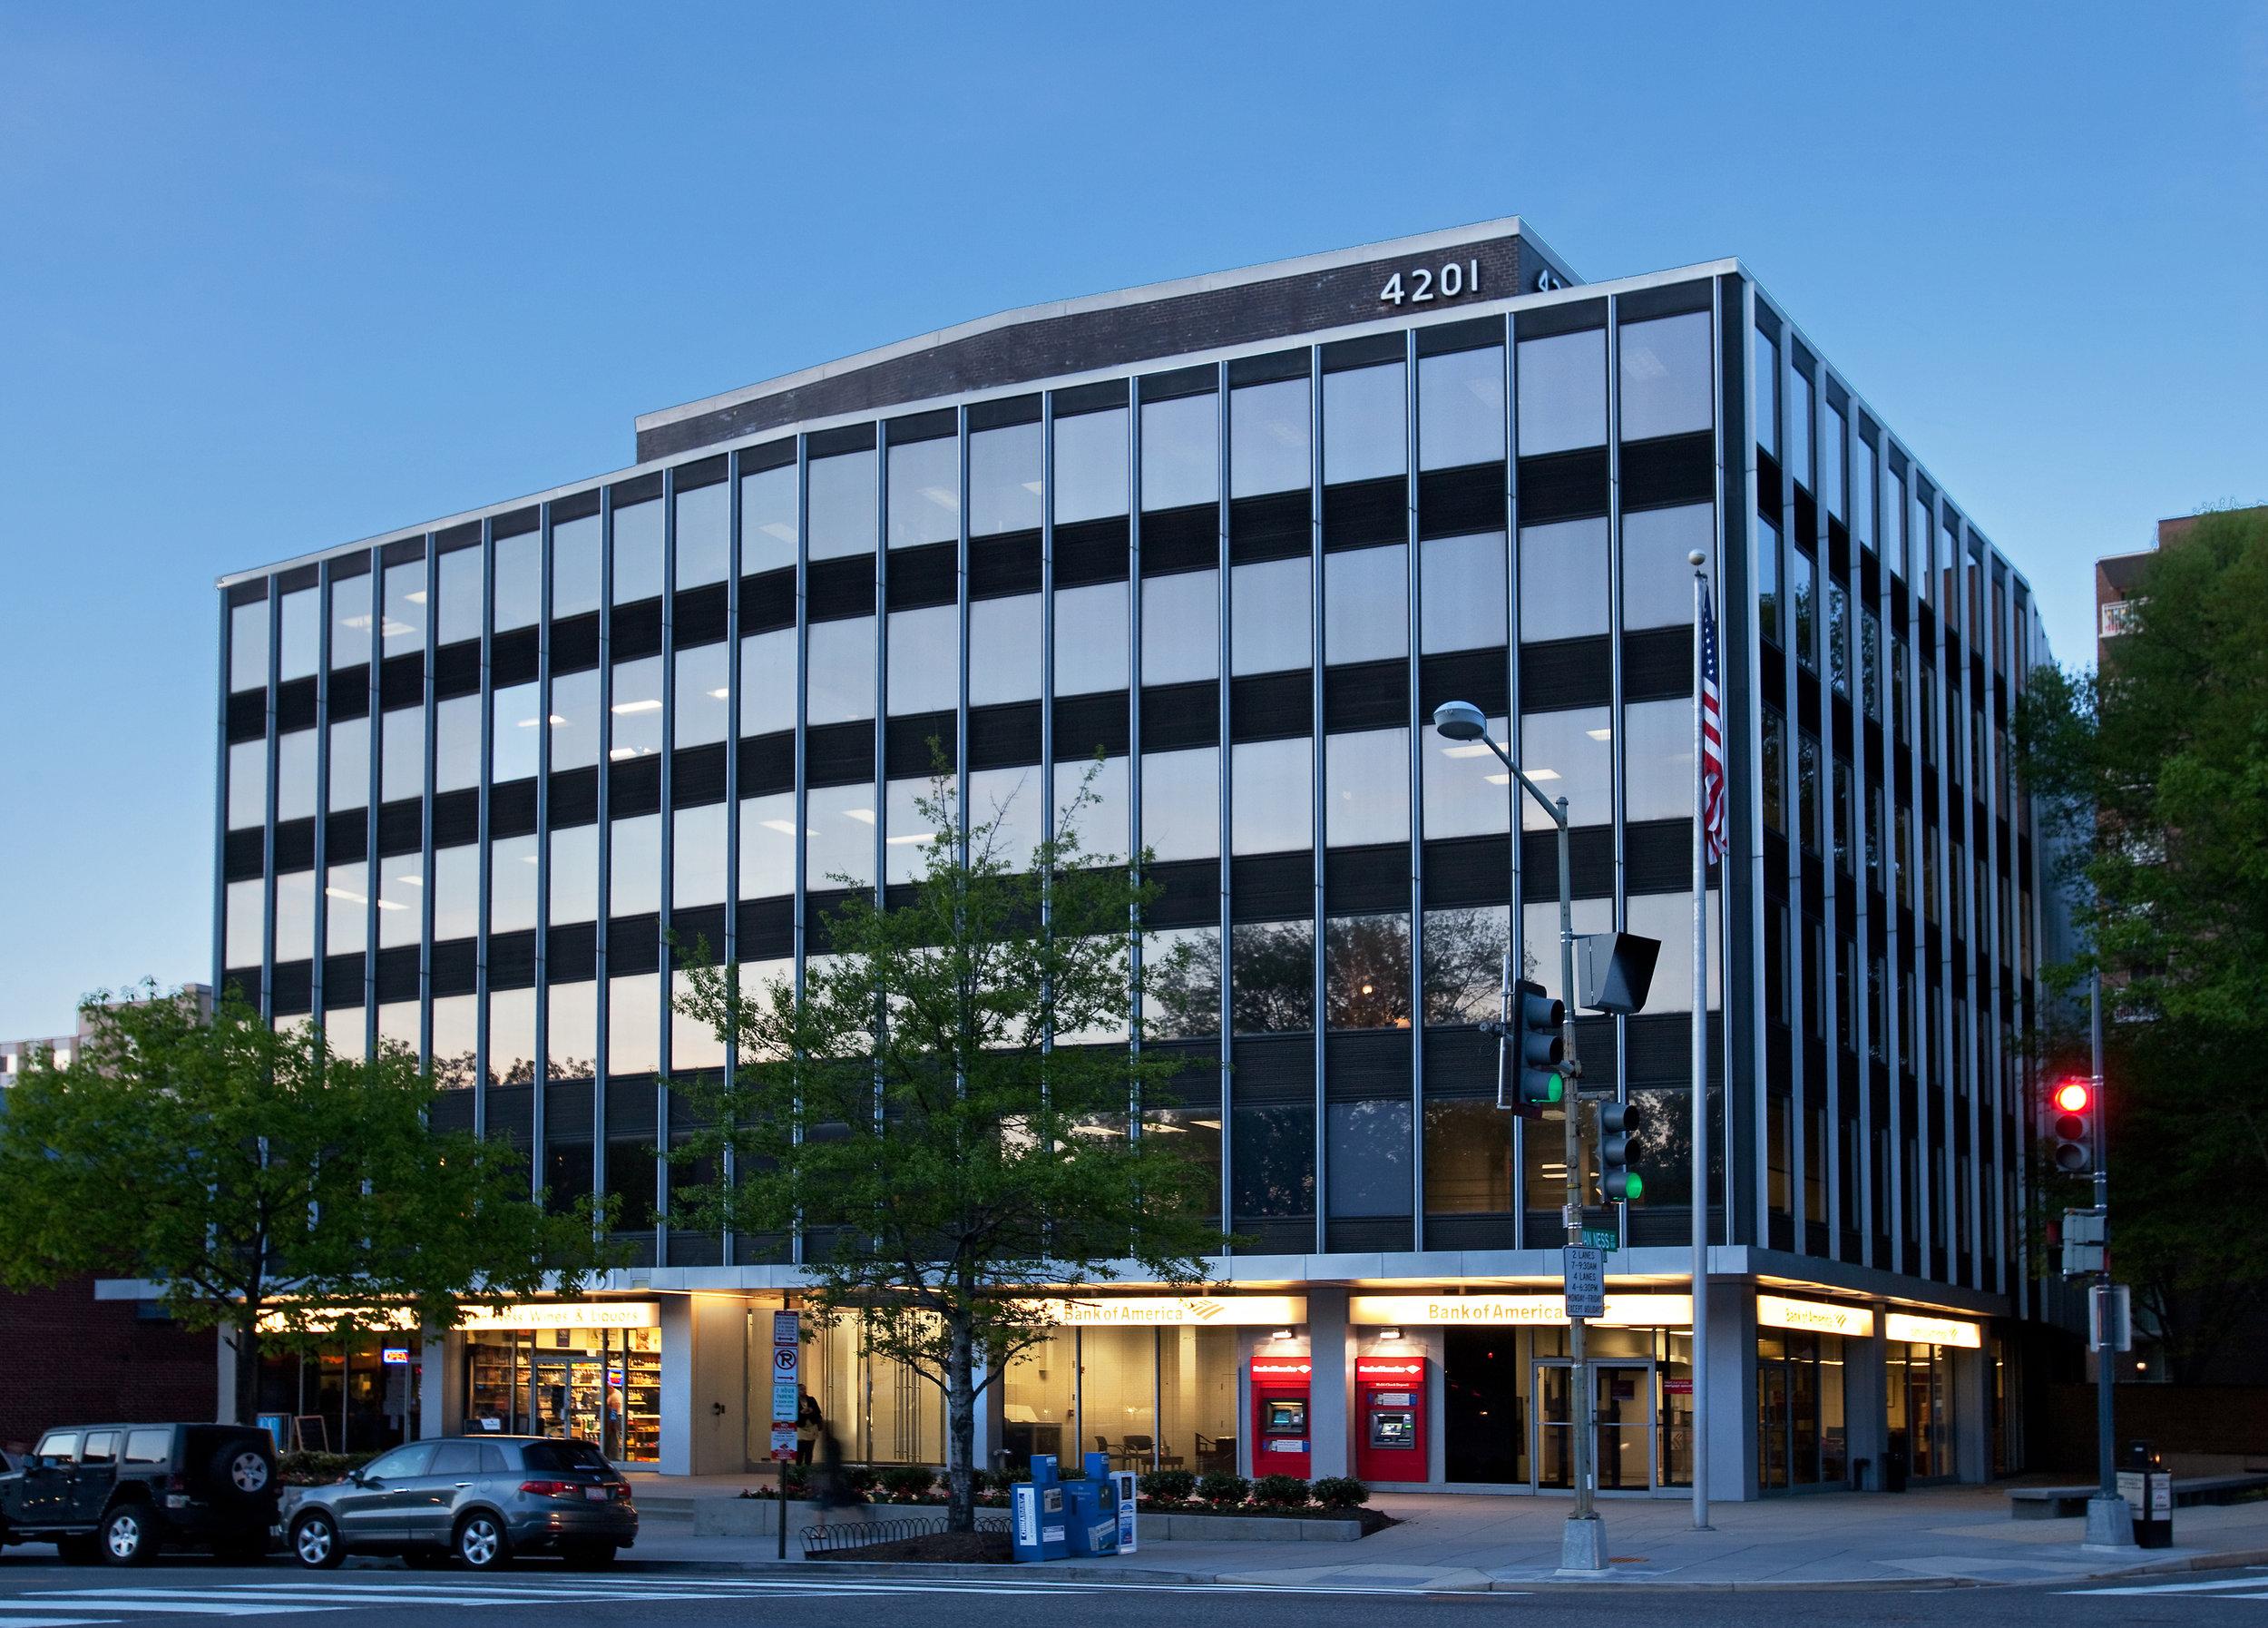 4201 Connecticut Avenue